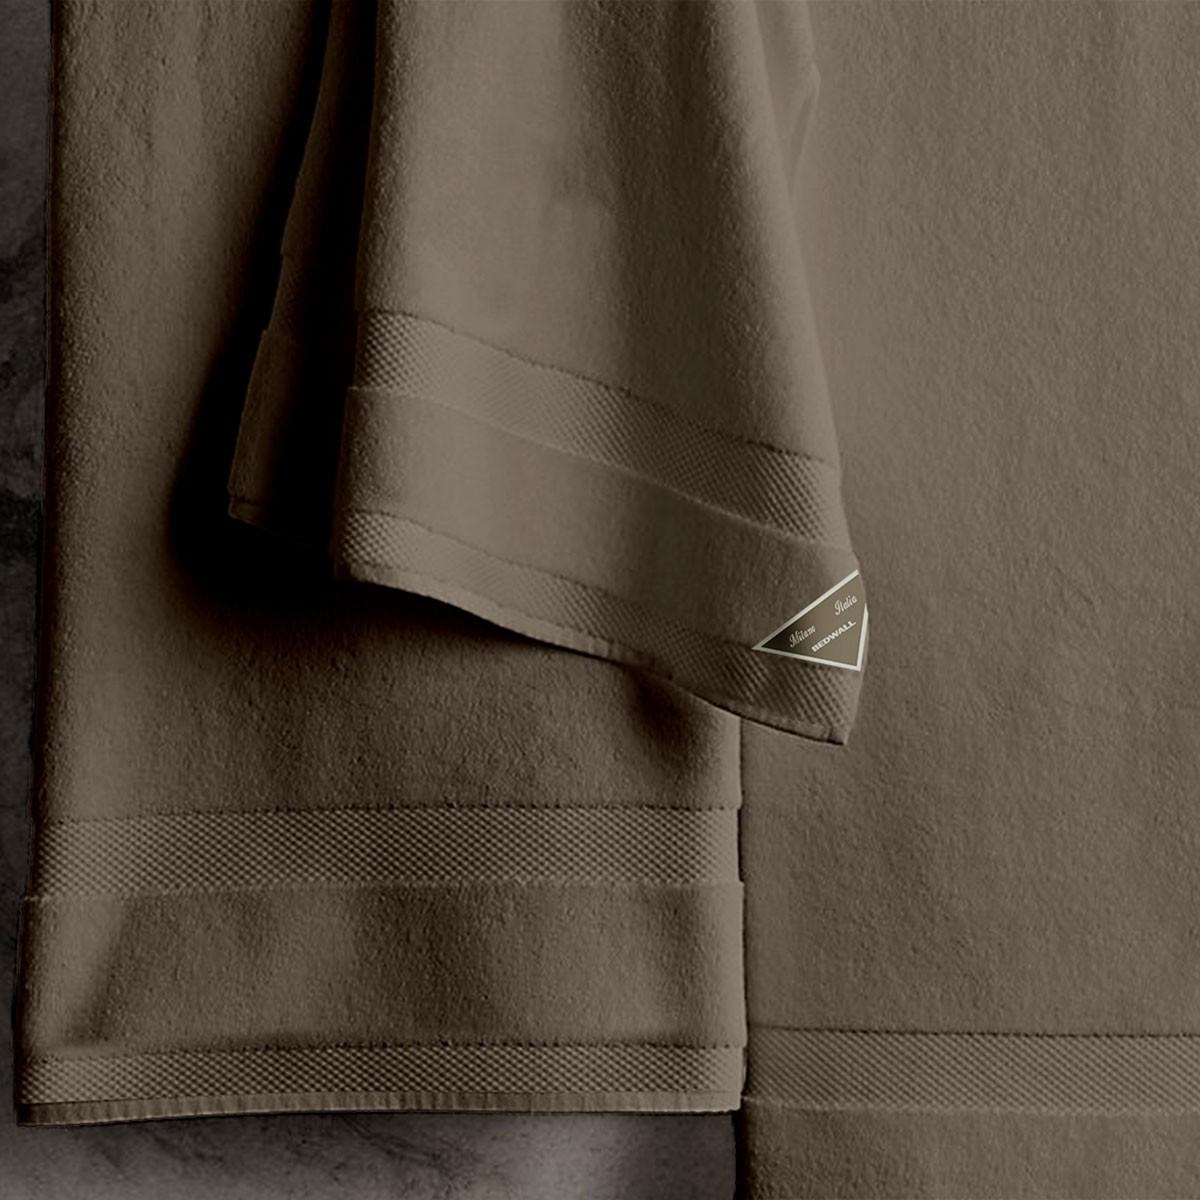 Πετσέτες Μπάνιου (Σετ 3τμχ) Bedwall Super Soft Atmosphere